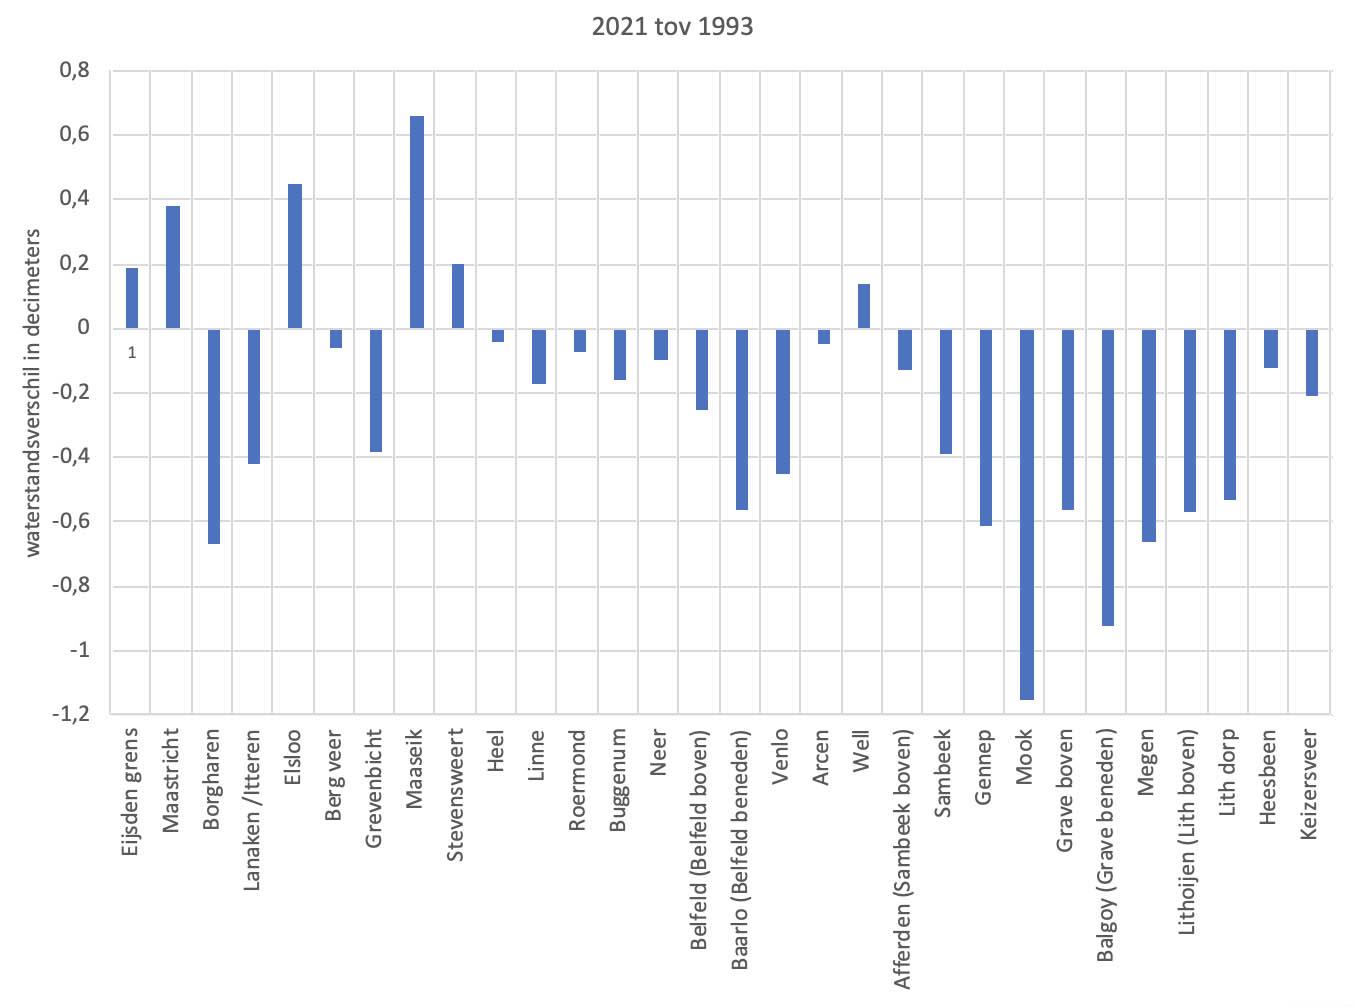 Waterstandsverschil tussen de hoogste waterstanden van 2021 tov 1993 bij diverse meetpunten langs de Maas